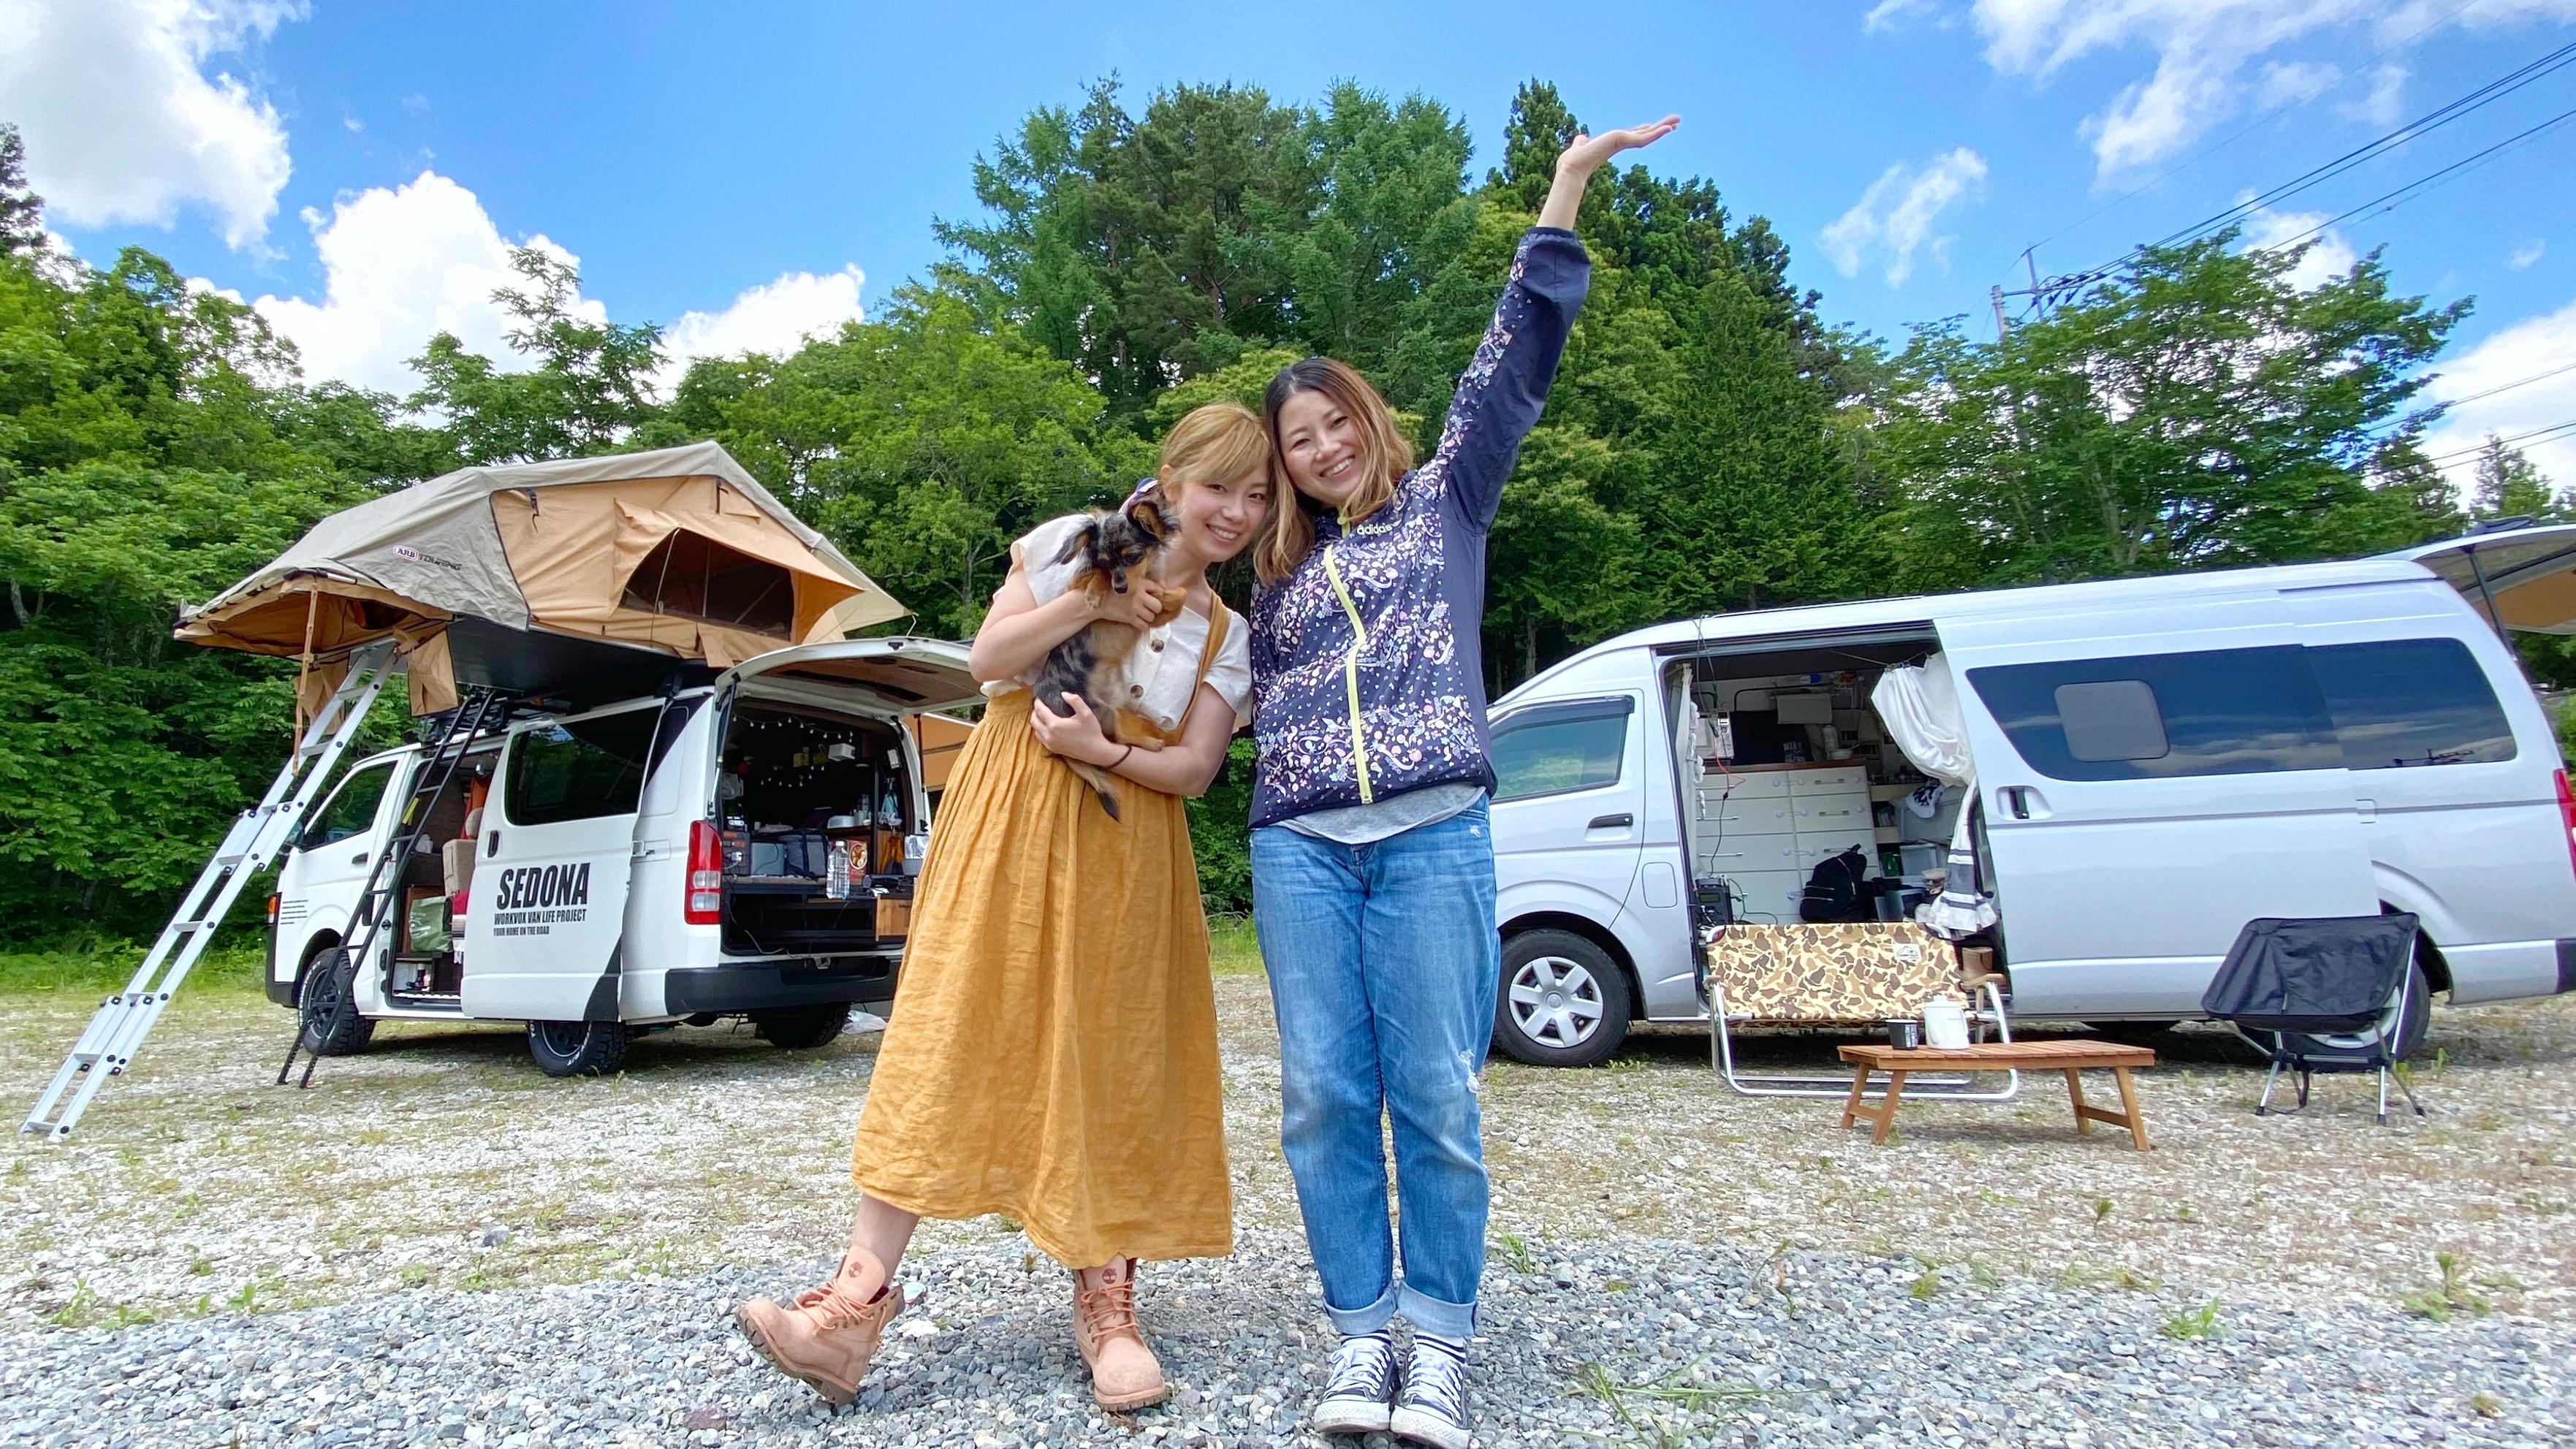 キャンプ と は オート とよねランド オートキャンプ村